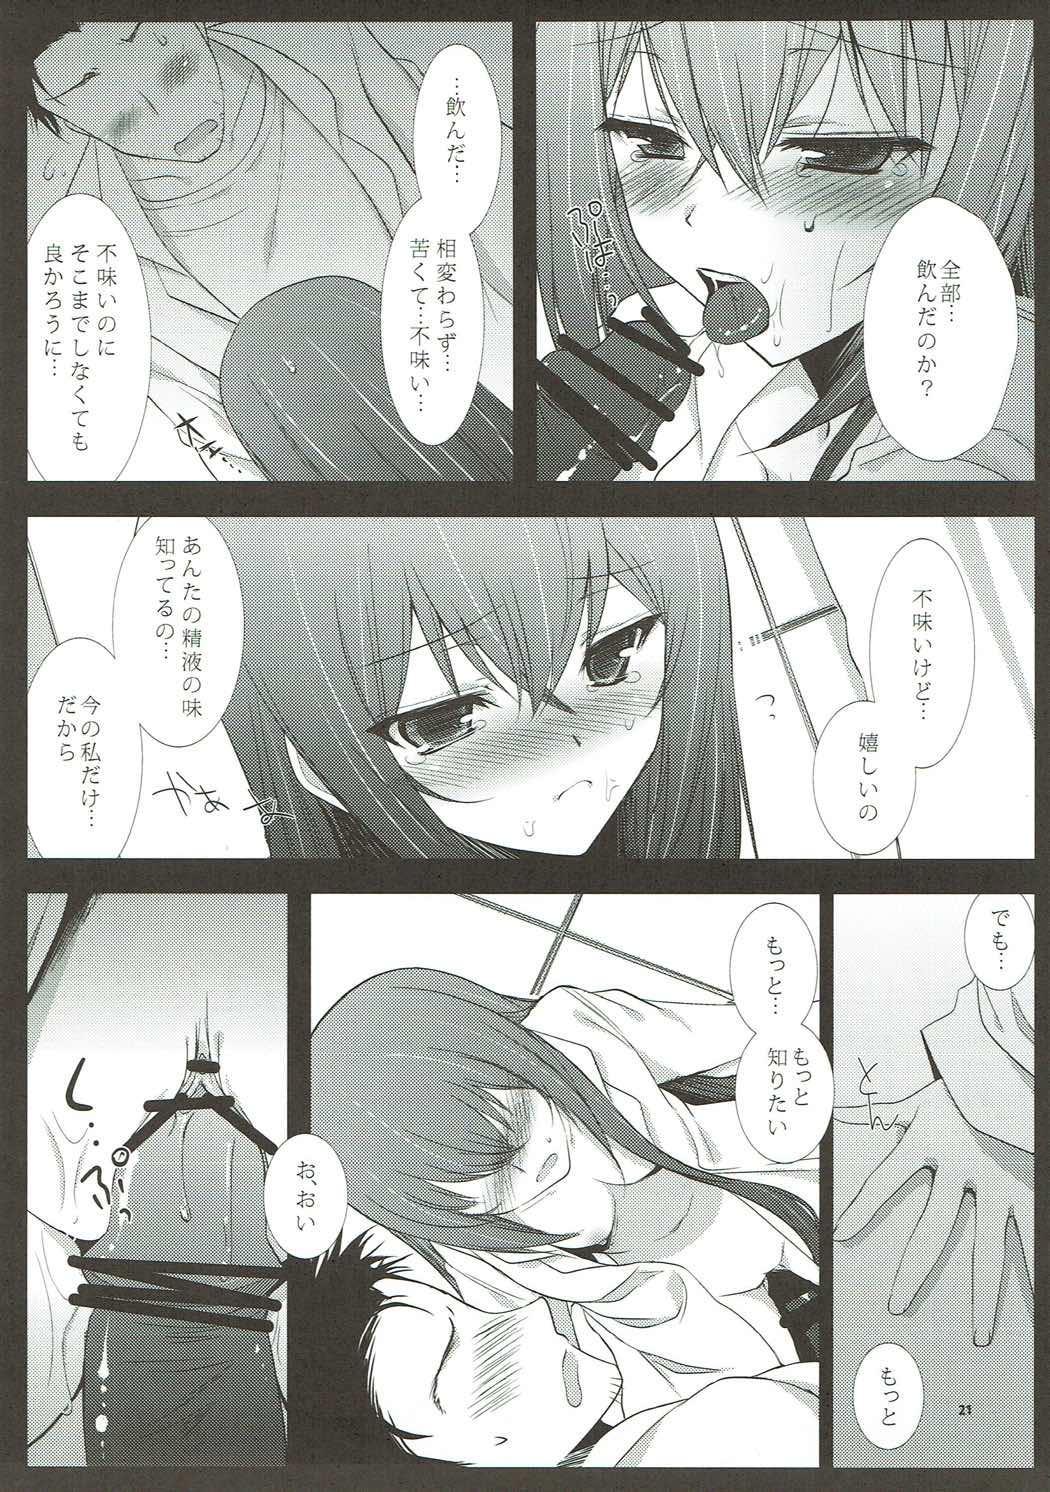 Ore no Joshu no Dere ga Uchouten de Todomaru Koto o Shiranai 19